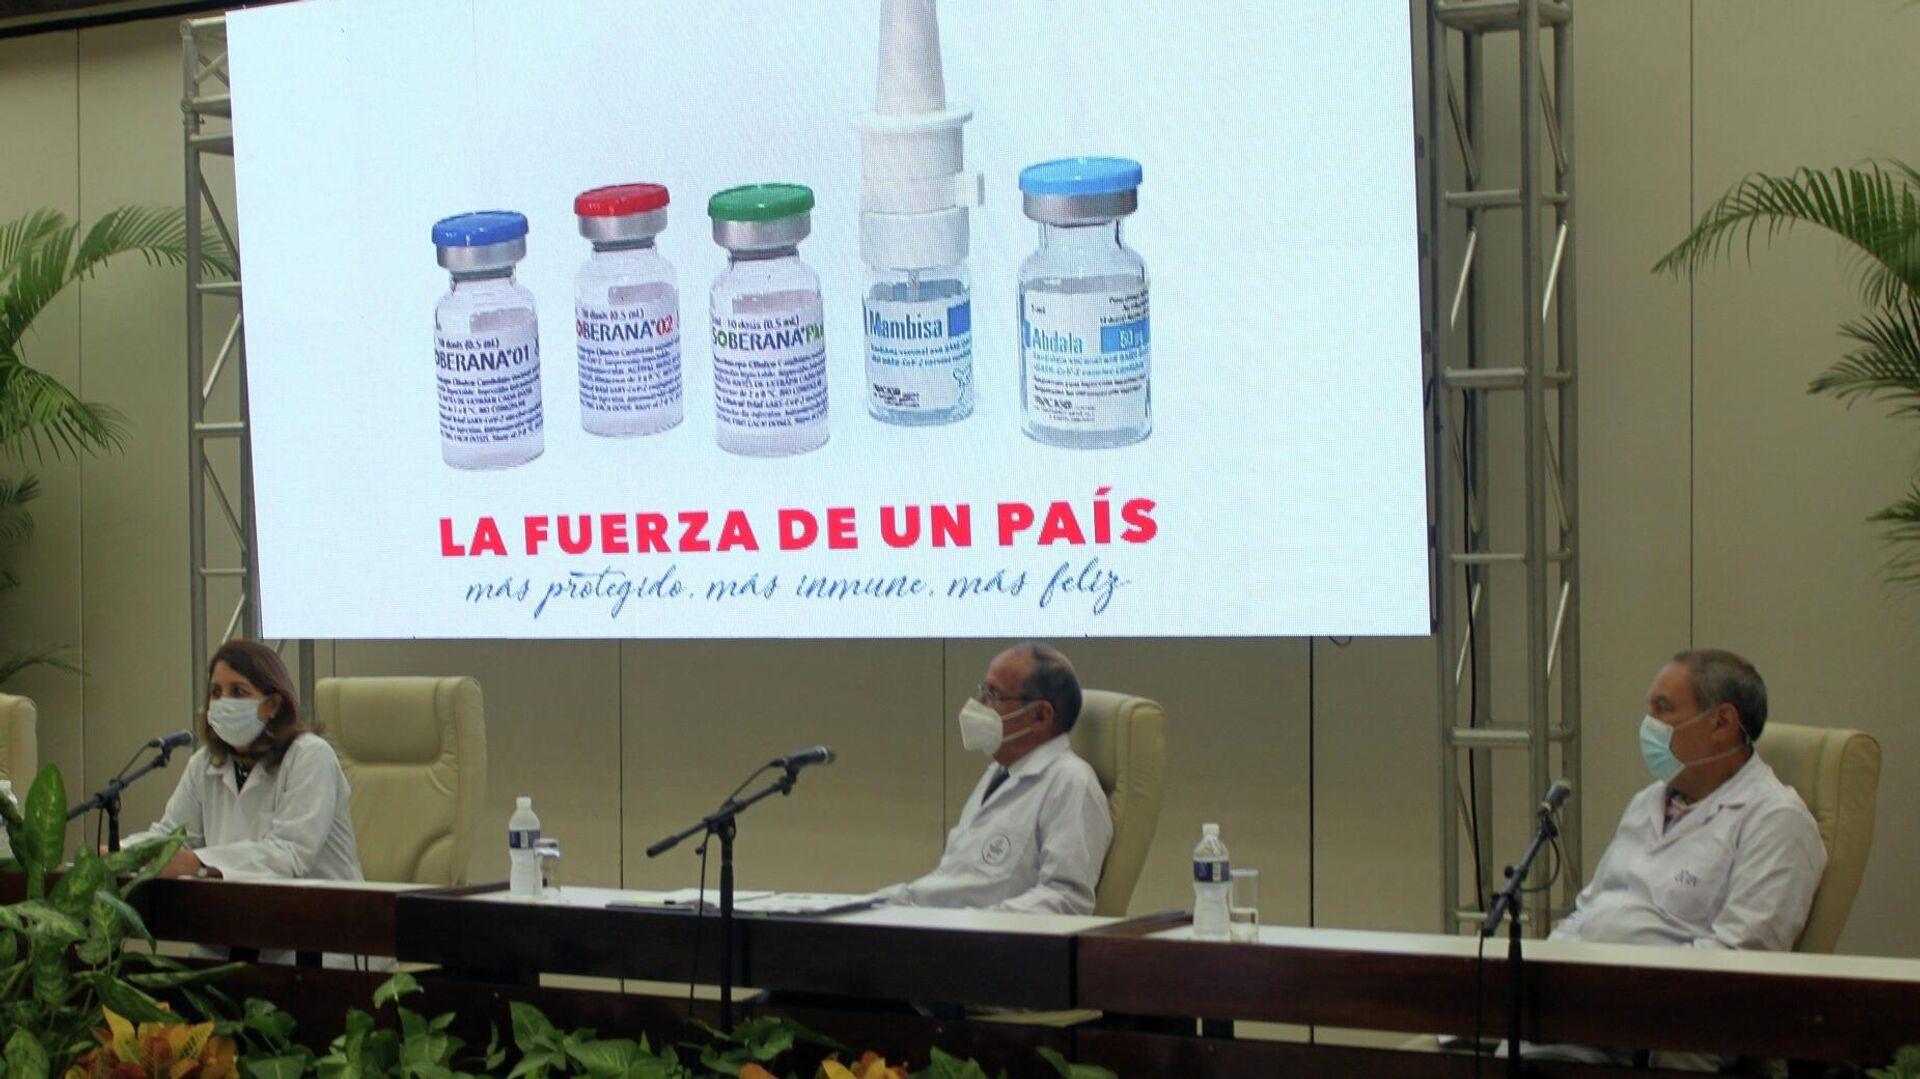 A la izq Mayra Mauri, vicepresidenta de BioCubaFarma; Agustin Lage, asesor de BioCubaFarma (centro); y Vicente Verez Bencomo, director del Instituto Finlay de Vacunas, participantes en la conferencia de prensa - Sputnik Mundo, 1920, 10.08.2021